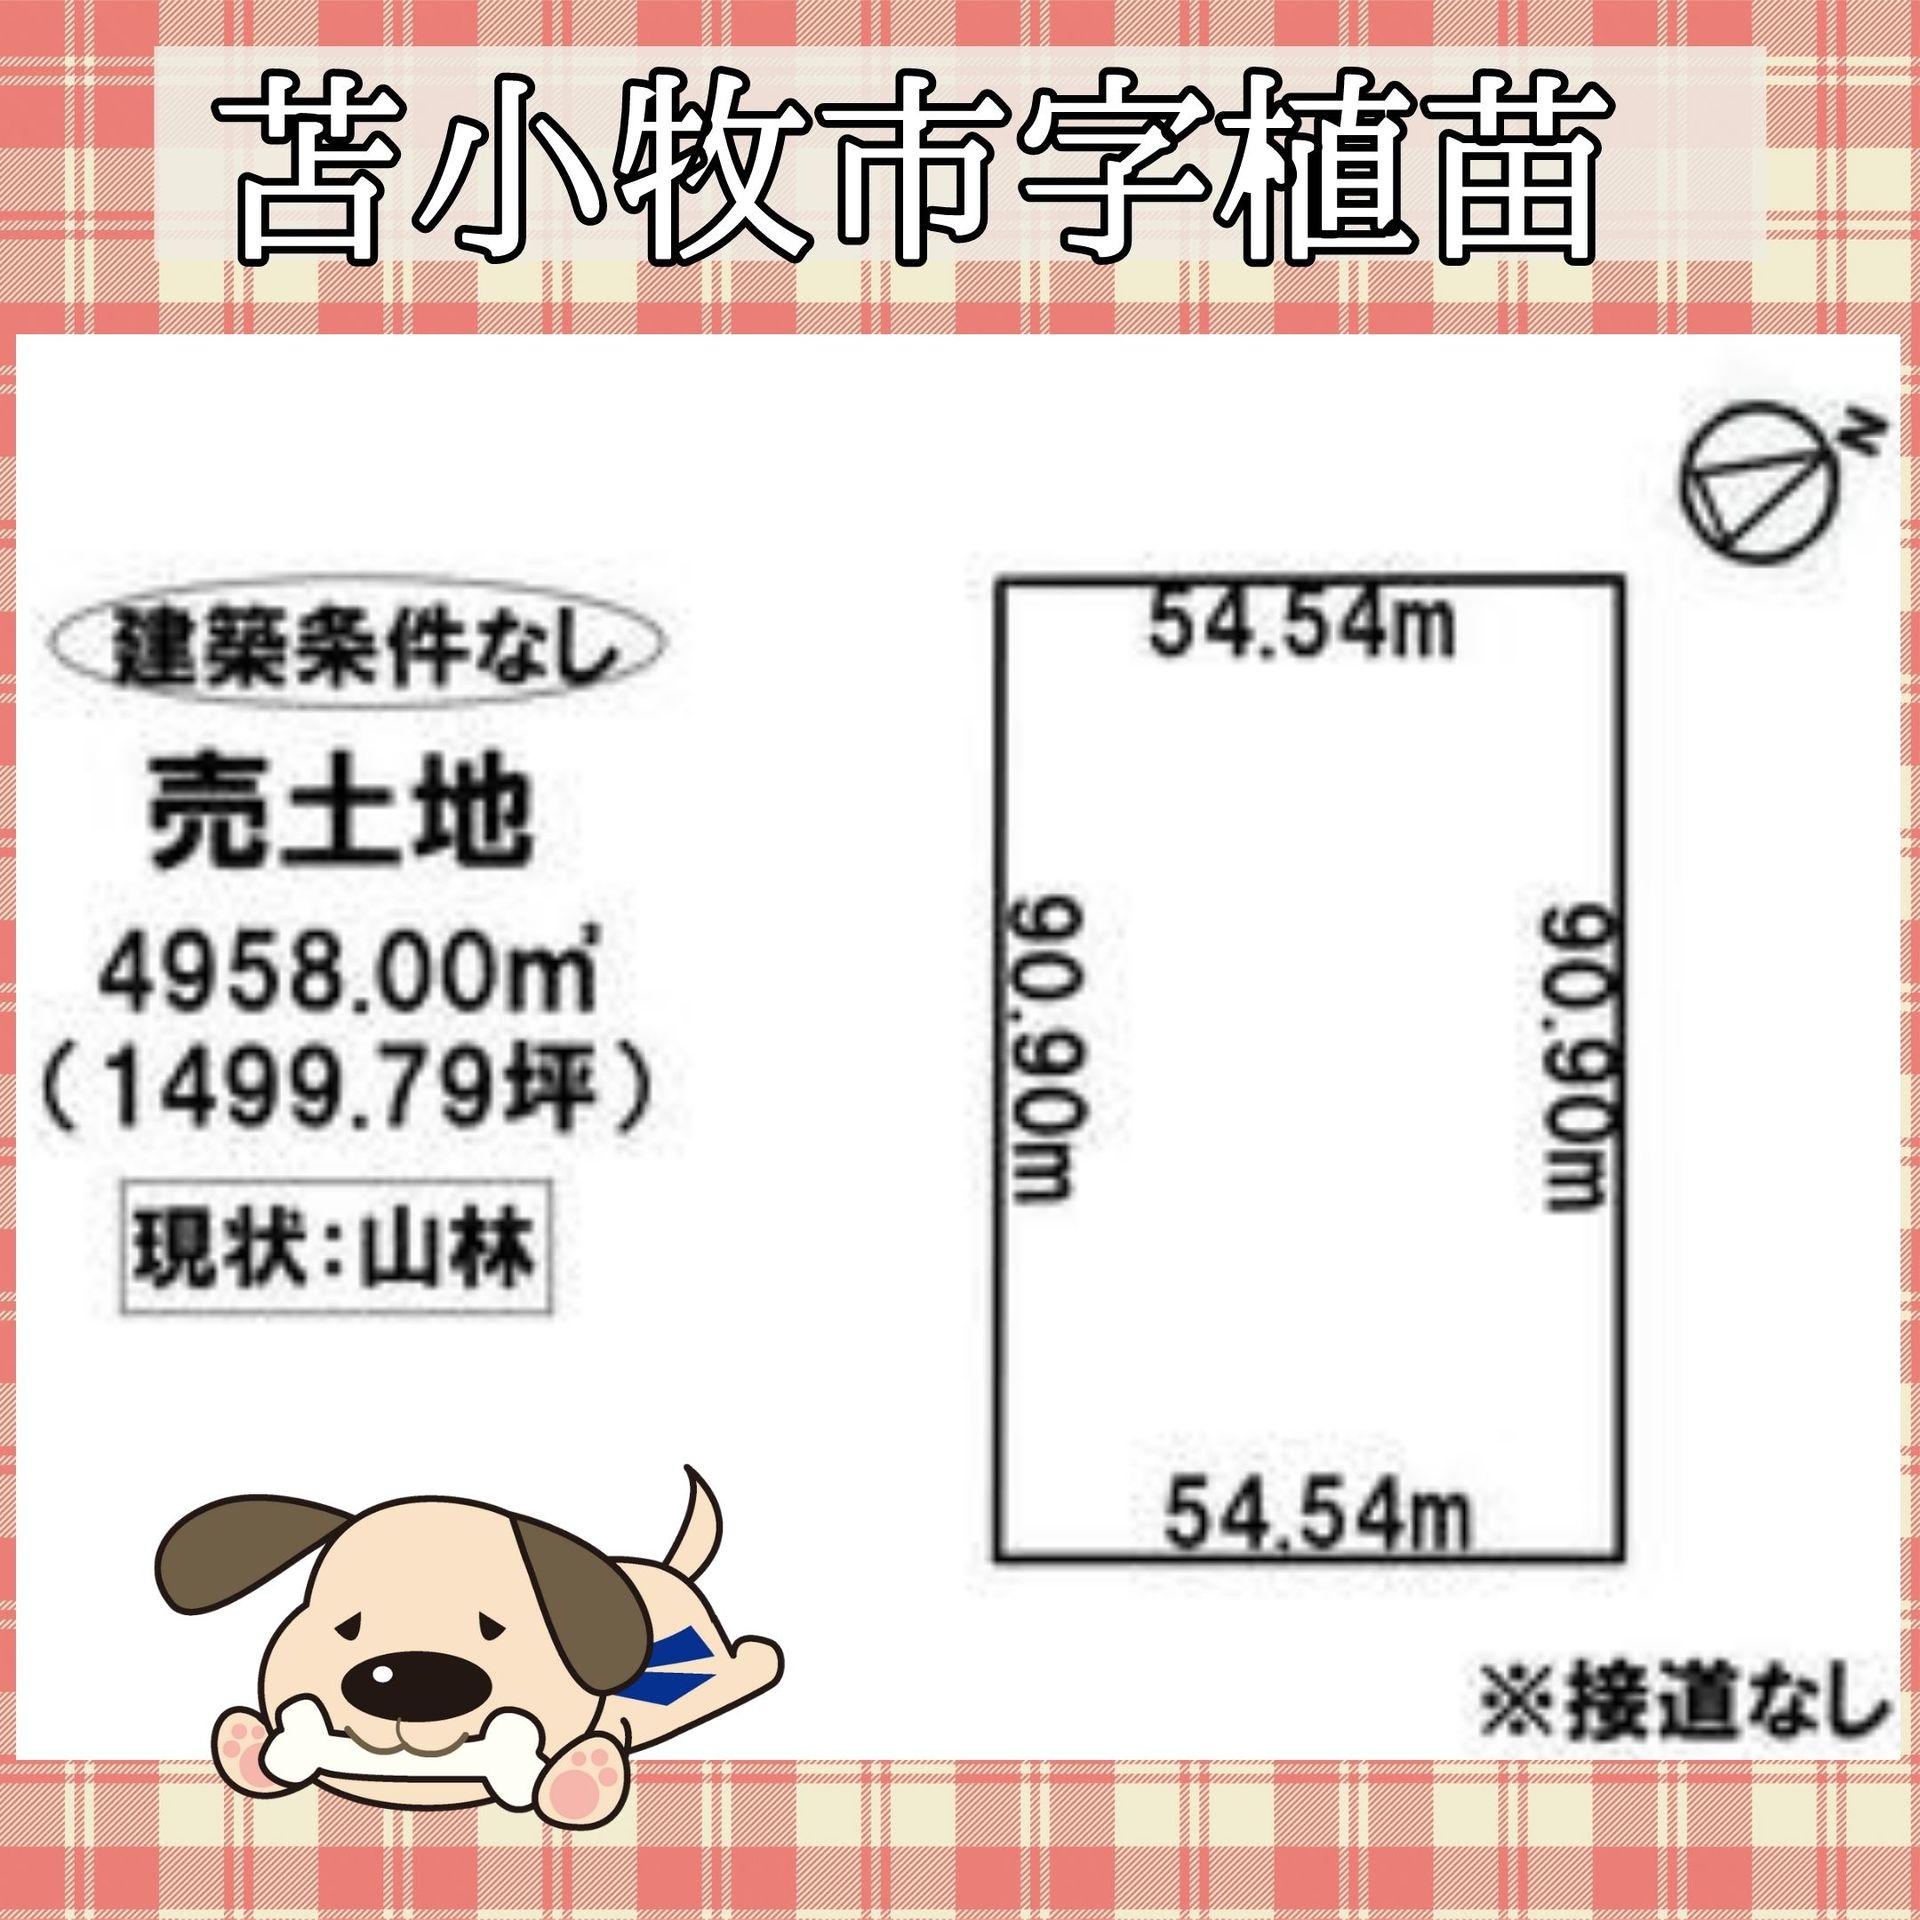 北海道苫小牧市字植苗 JR千歳線[植苗]の売買土地物件詳細はこちら